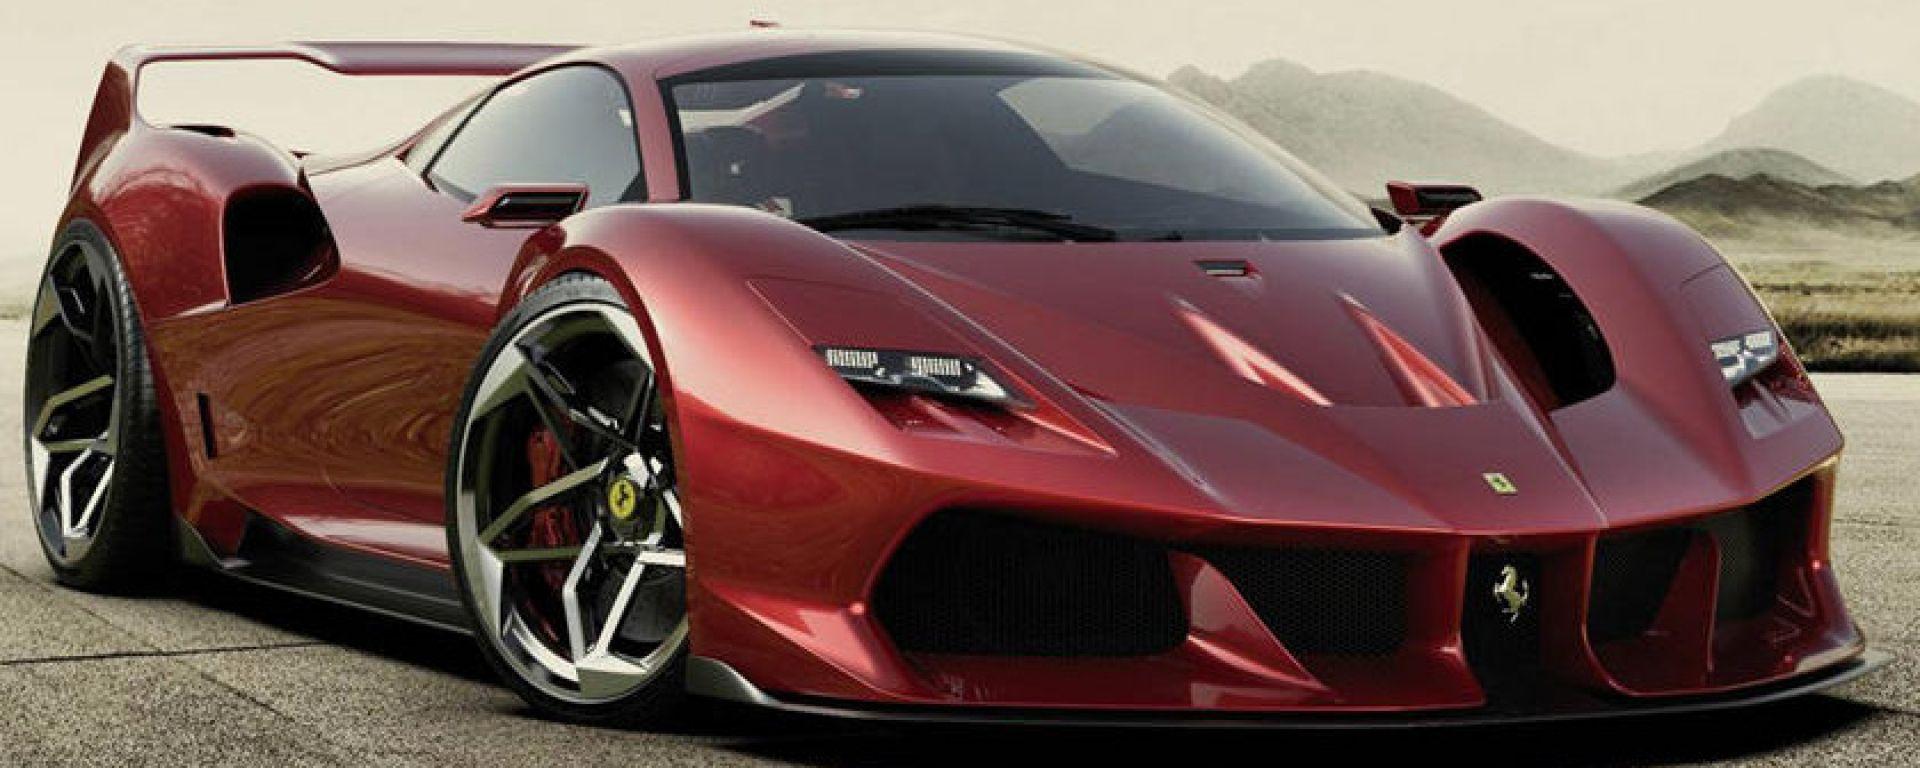 Nuova Ferrari F40: ritorna l'iconica supercar...in un render